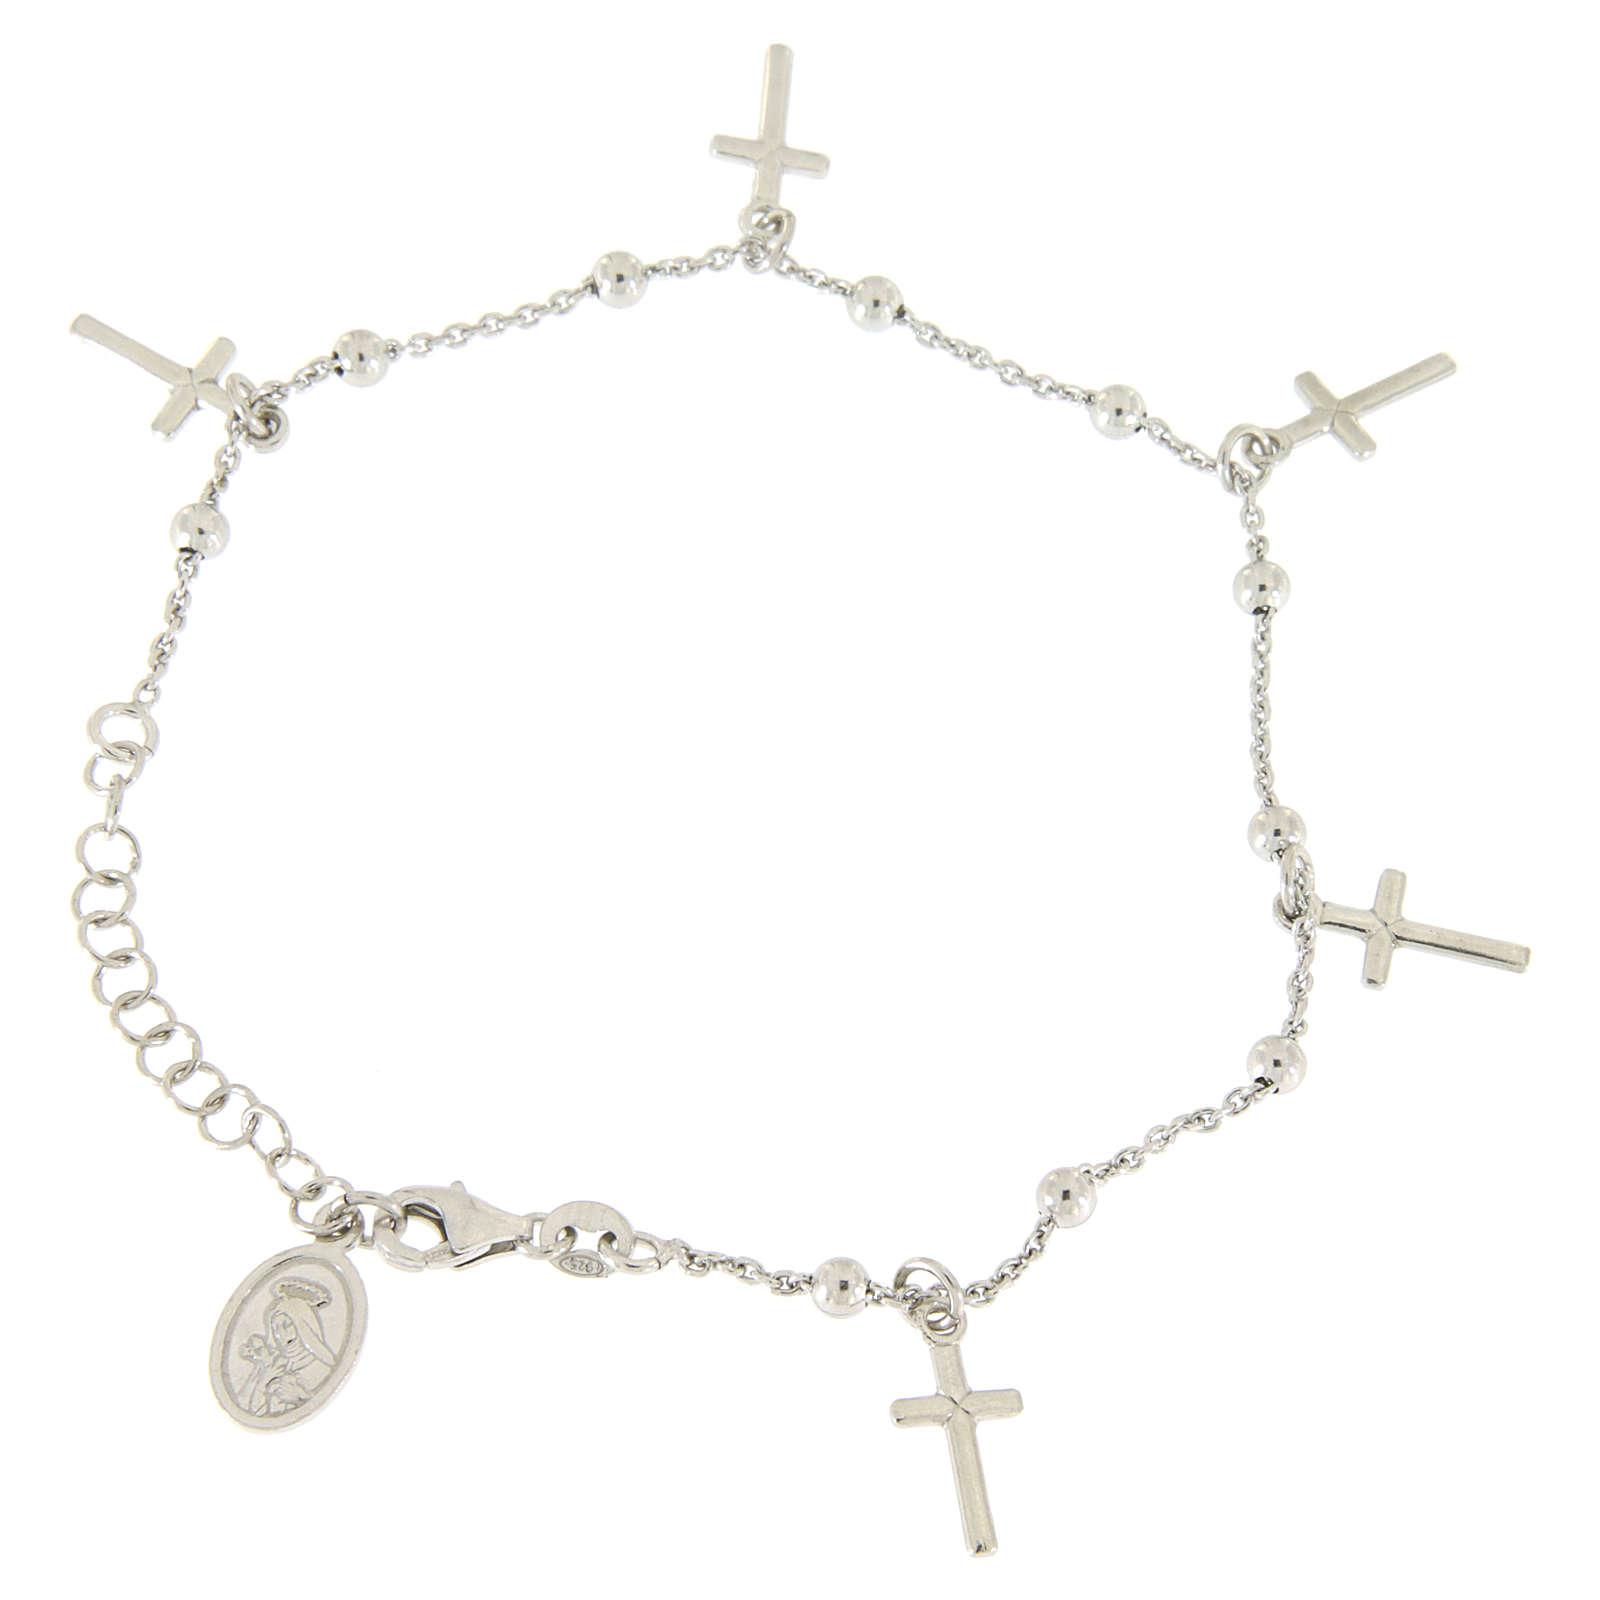 Bracciale pendenti e croce argento 925 4